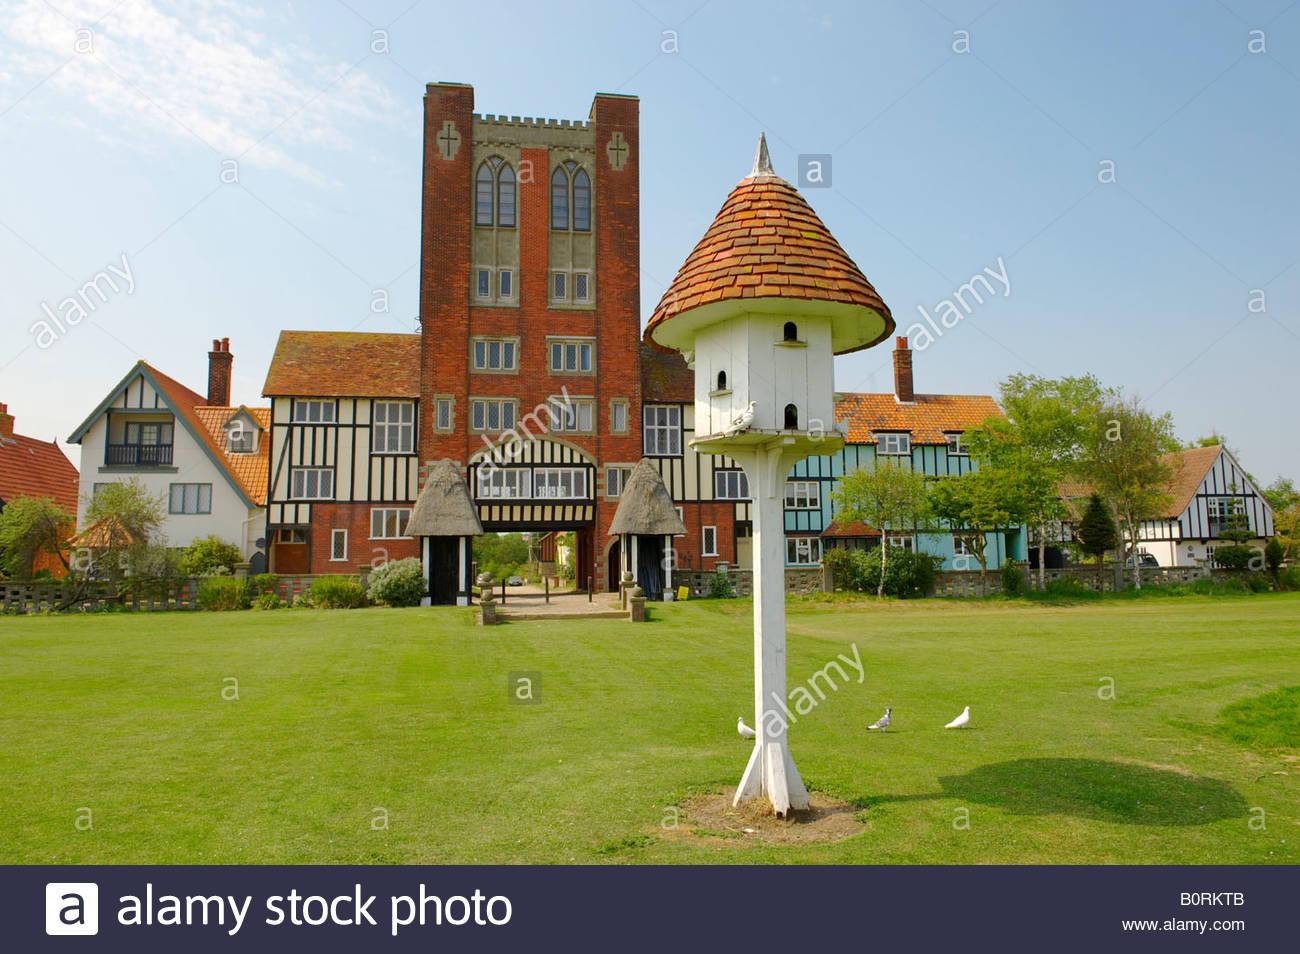 Thorpness Suffolk England - traditionelle Dovecot und dreißiger Jahre Gebäude Stockbild